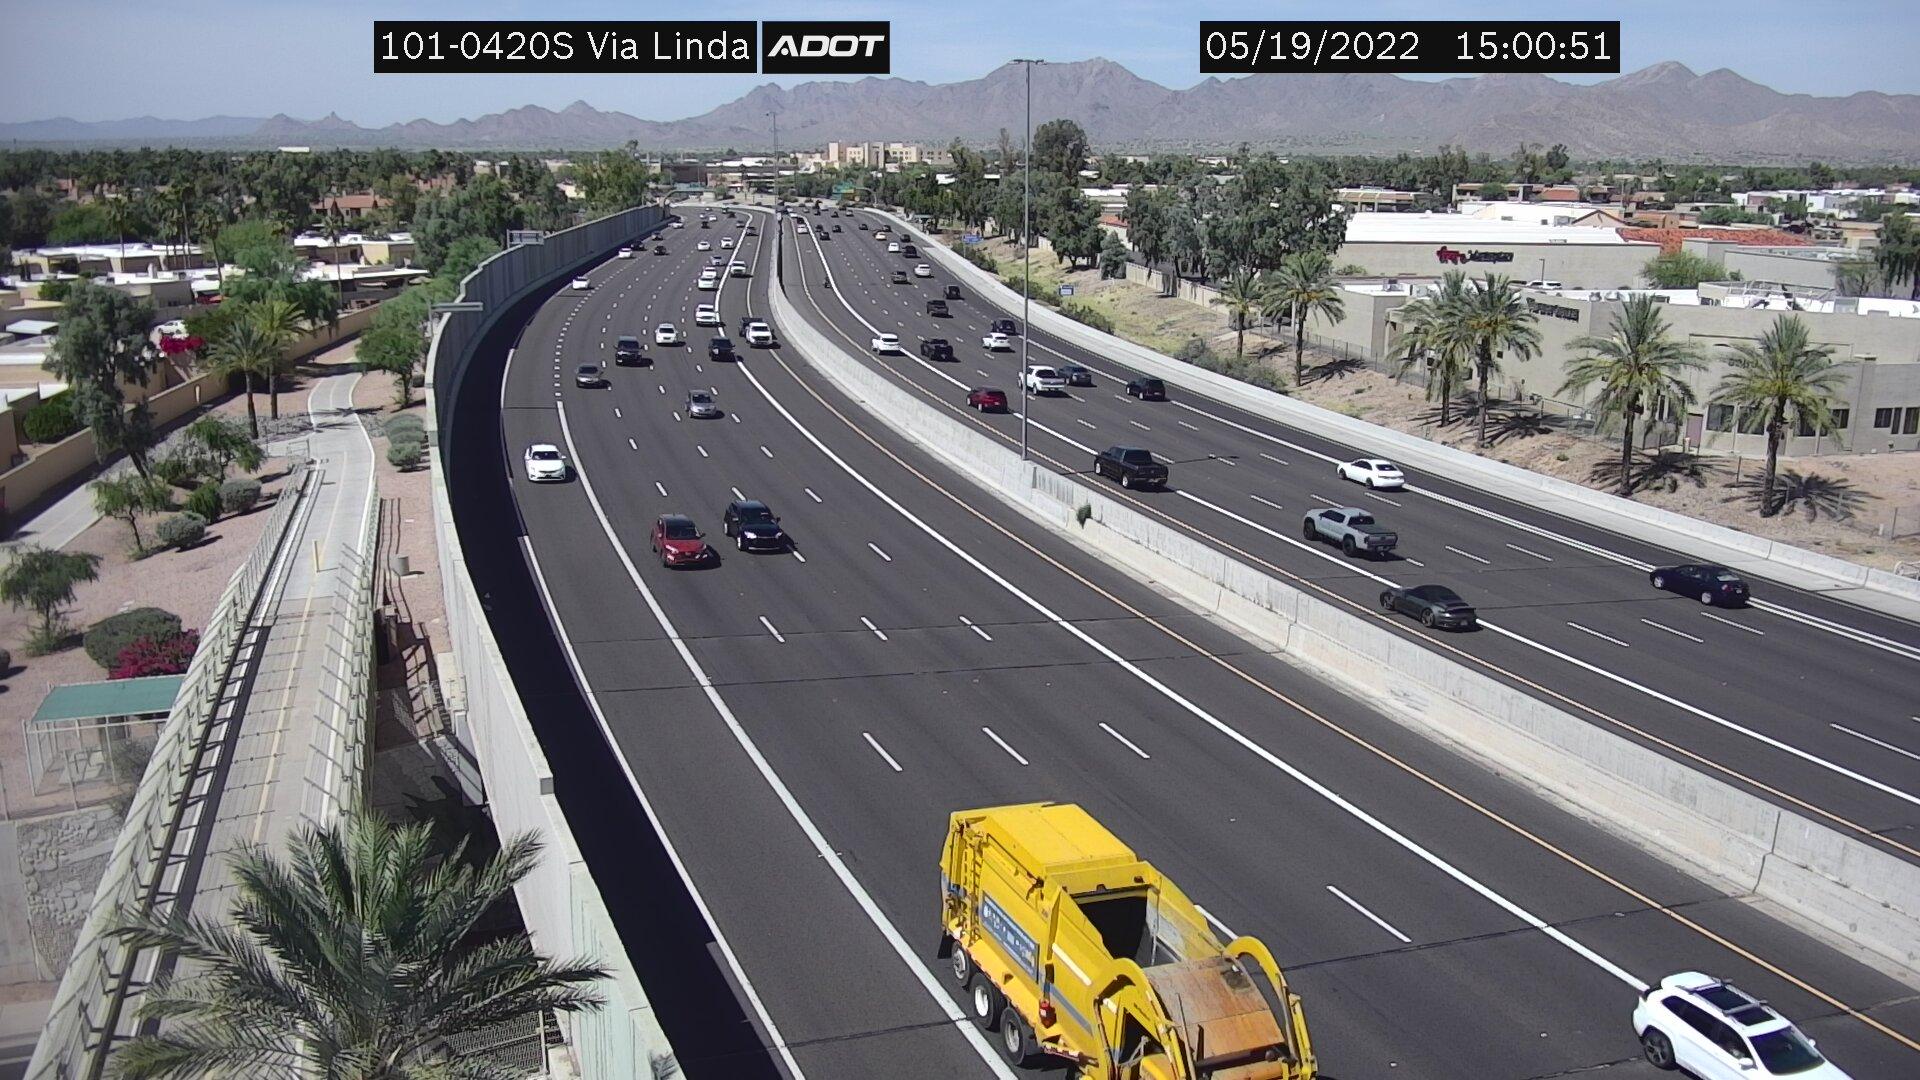 Via Linda SB (L101) (135) - Phoenix and Arizona